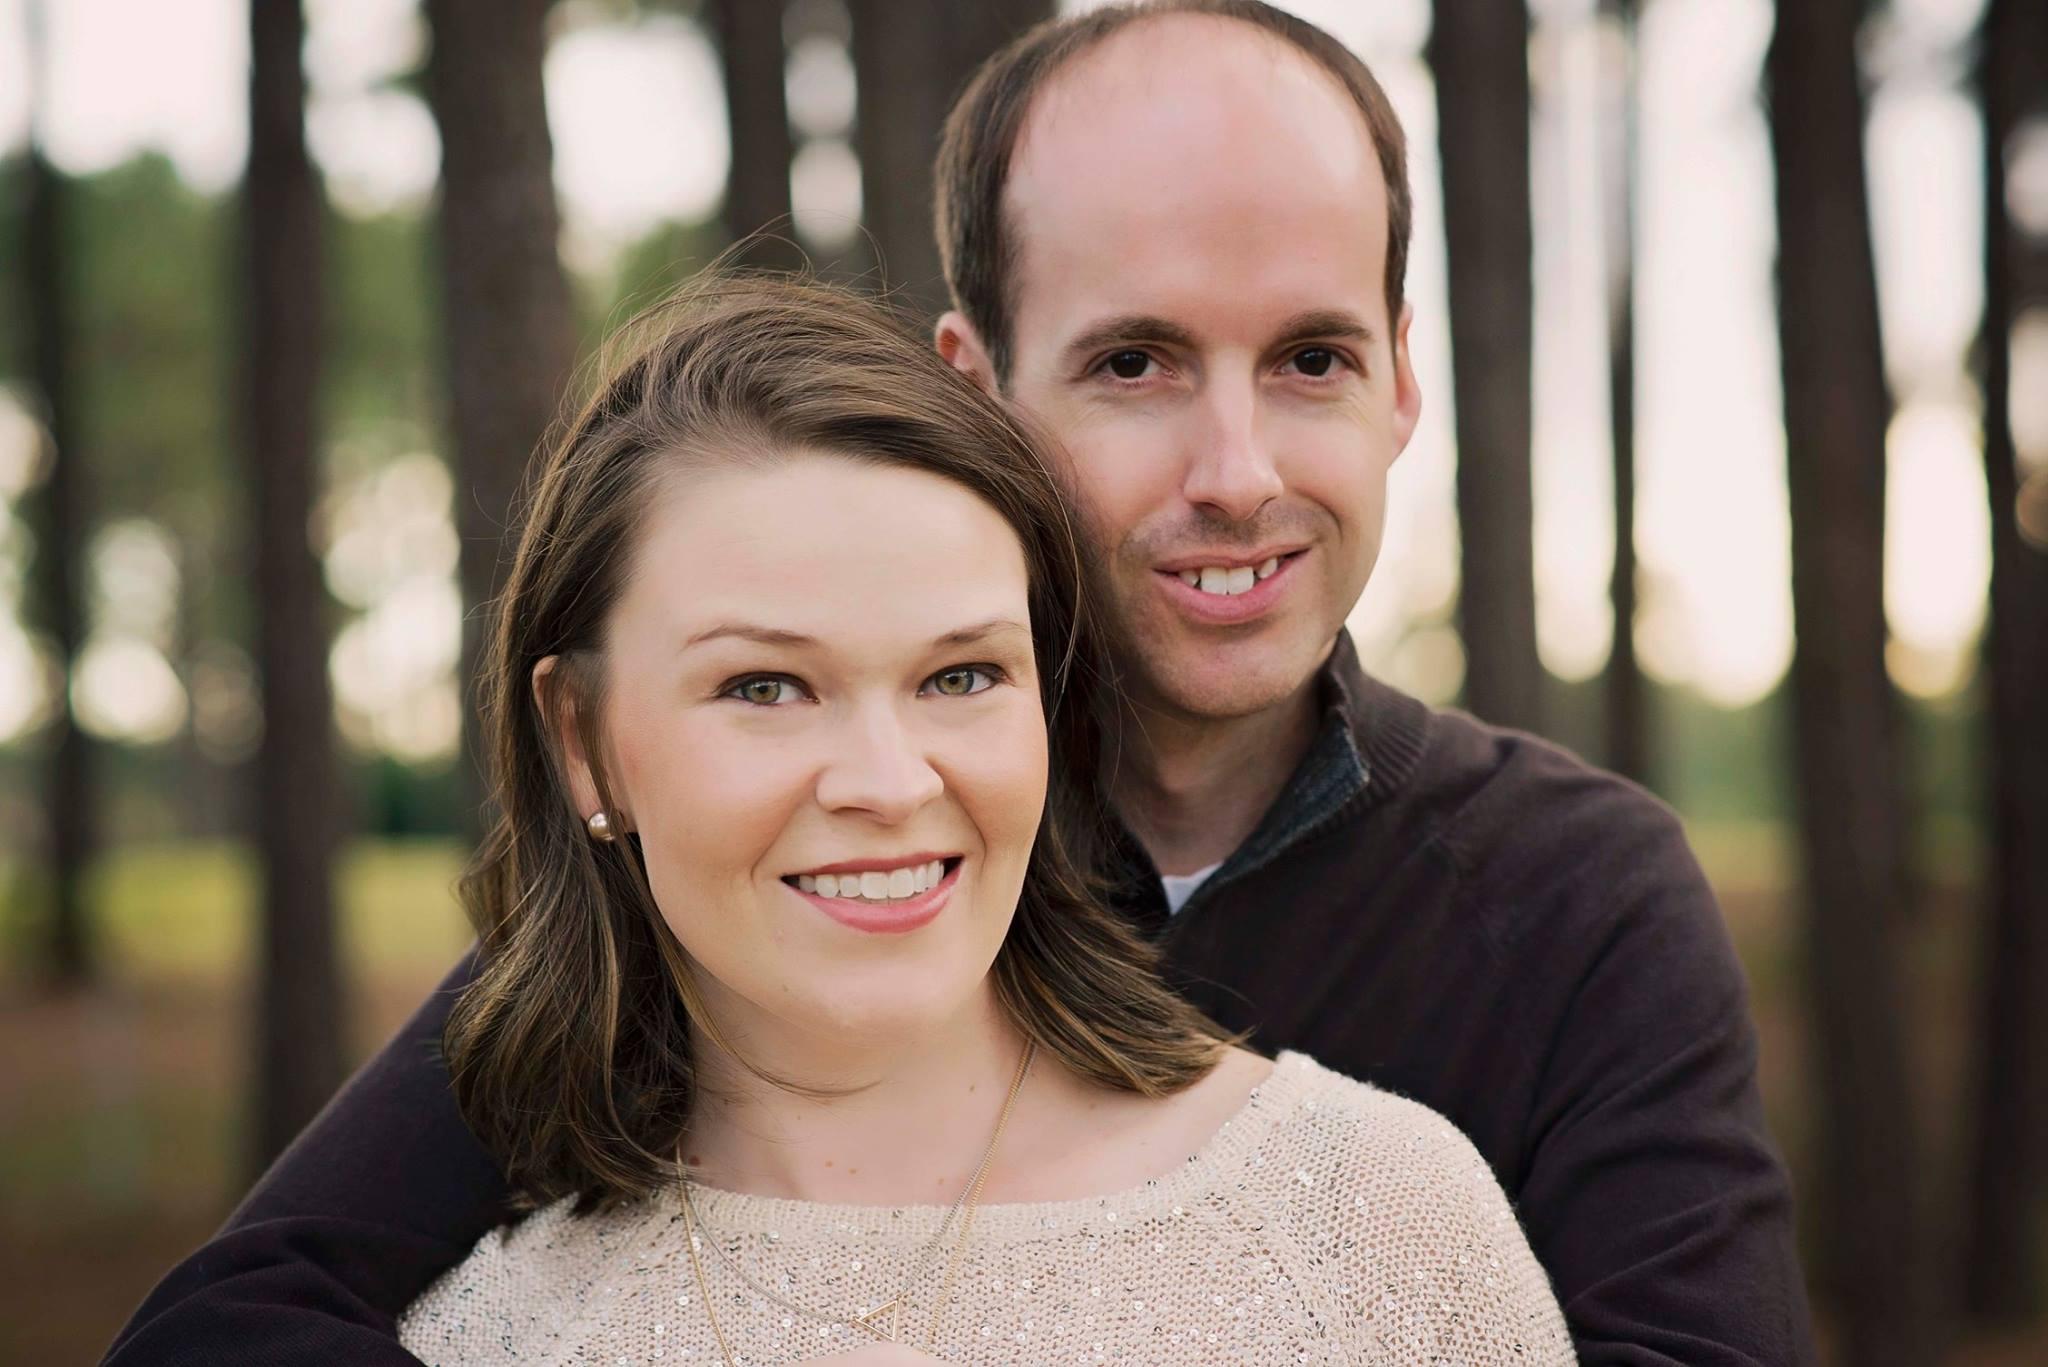 Justin and Lauren